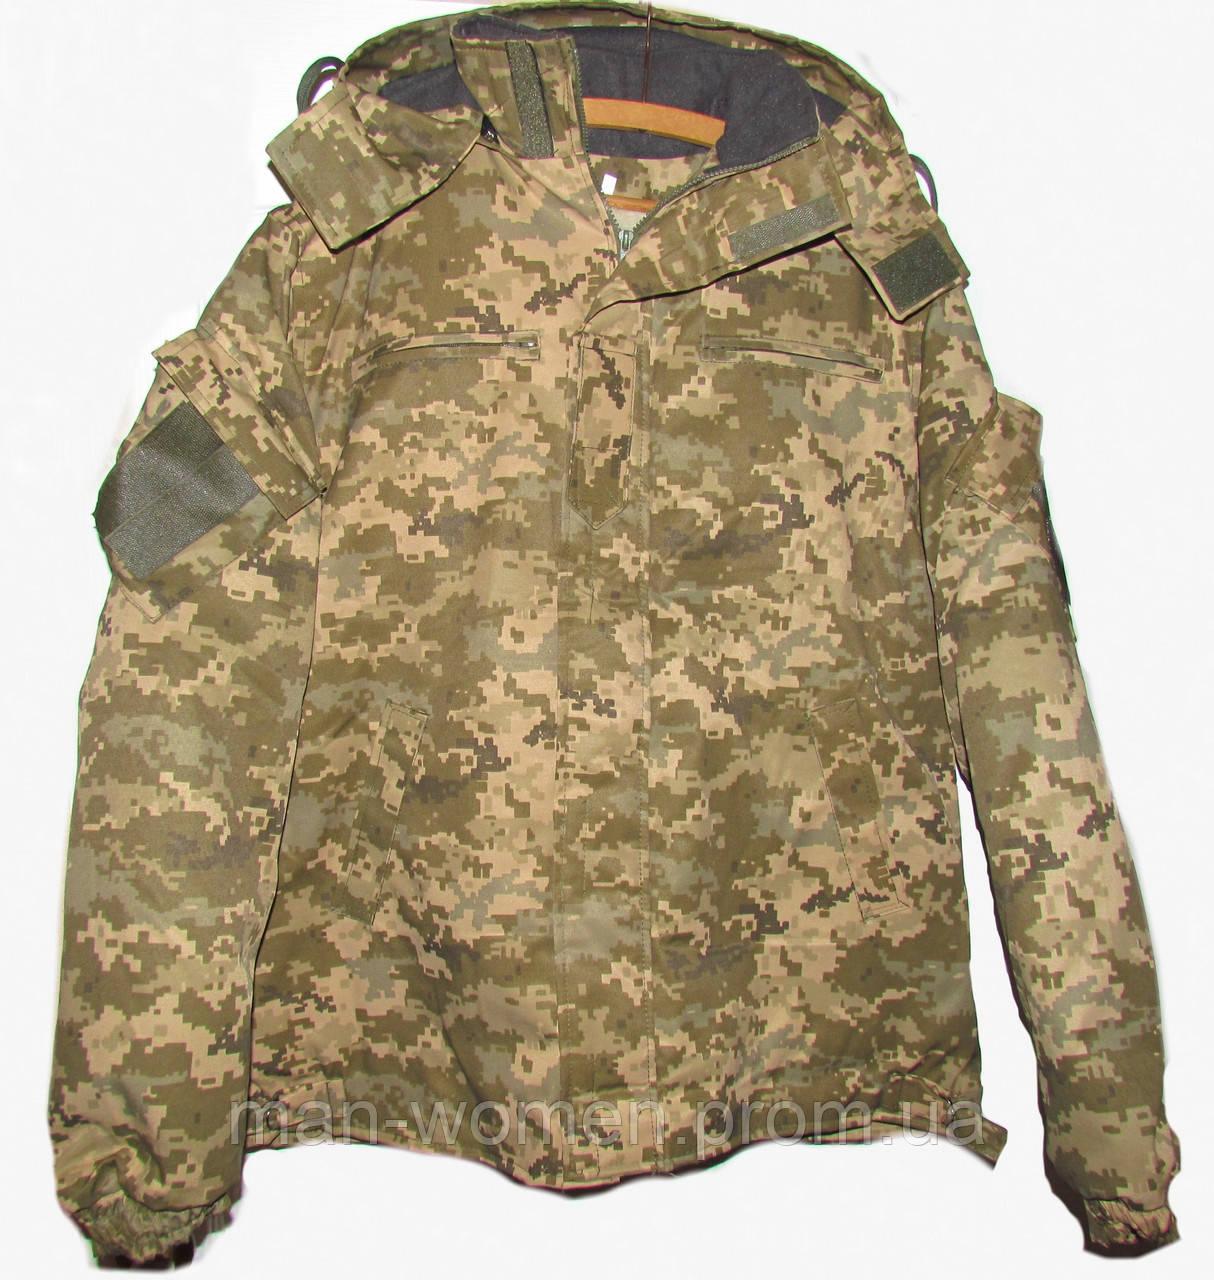 Зимний бушлат ВСУ. ММ-14. Украина. Для военных ВСУ